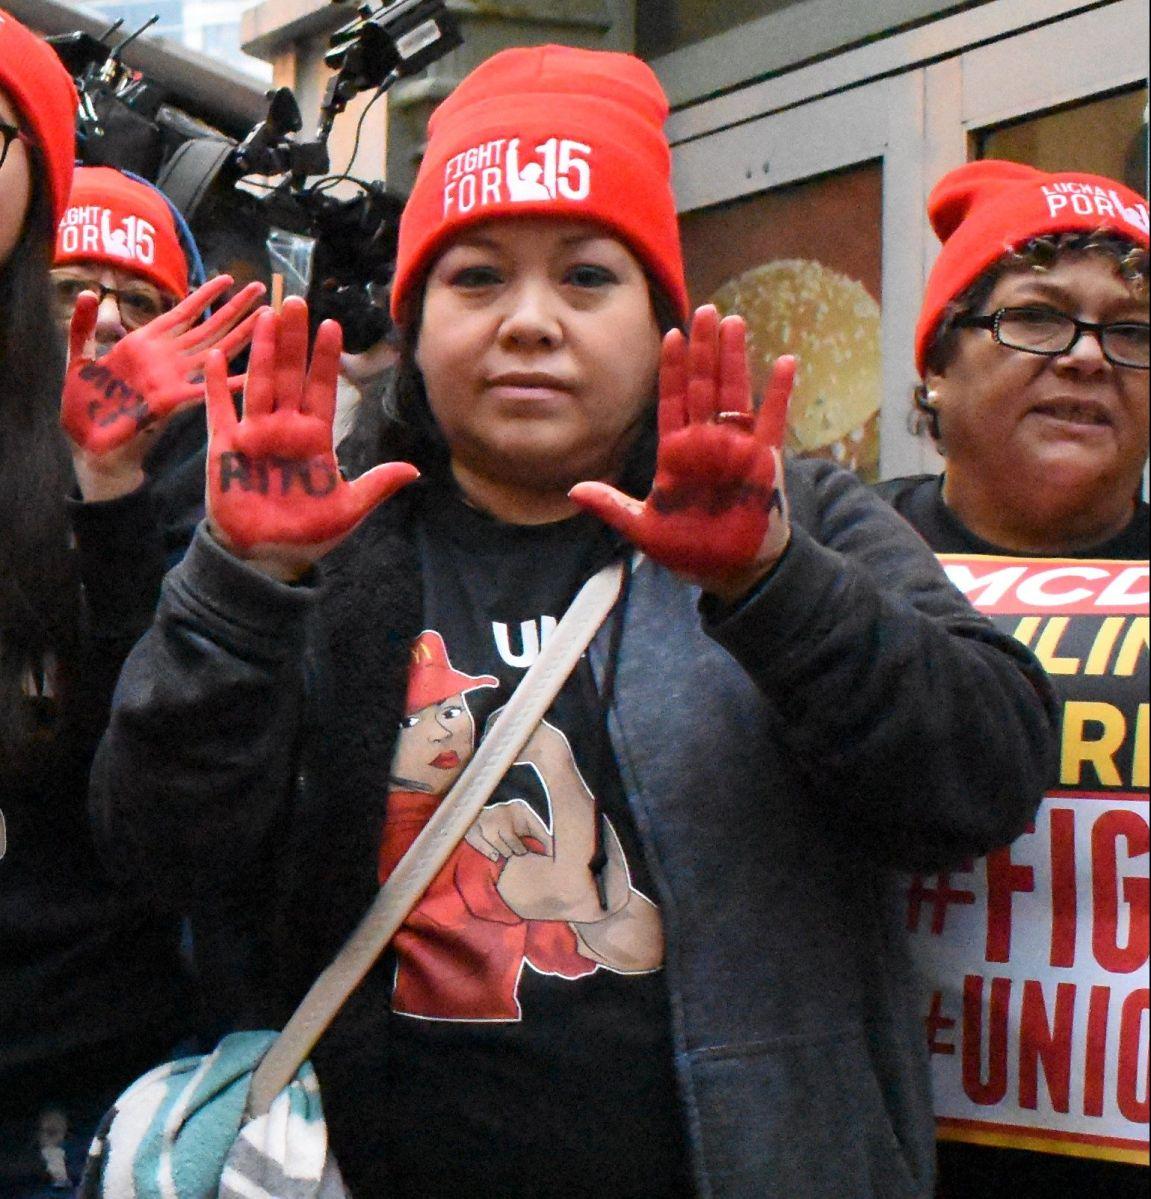 El salario mínimo aumenta a $14 la hora Chicago